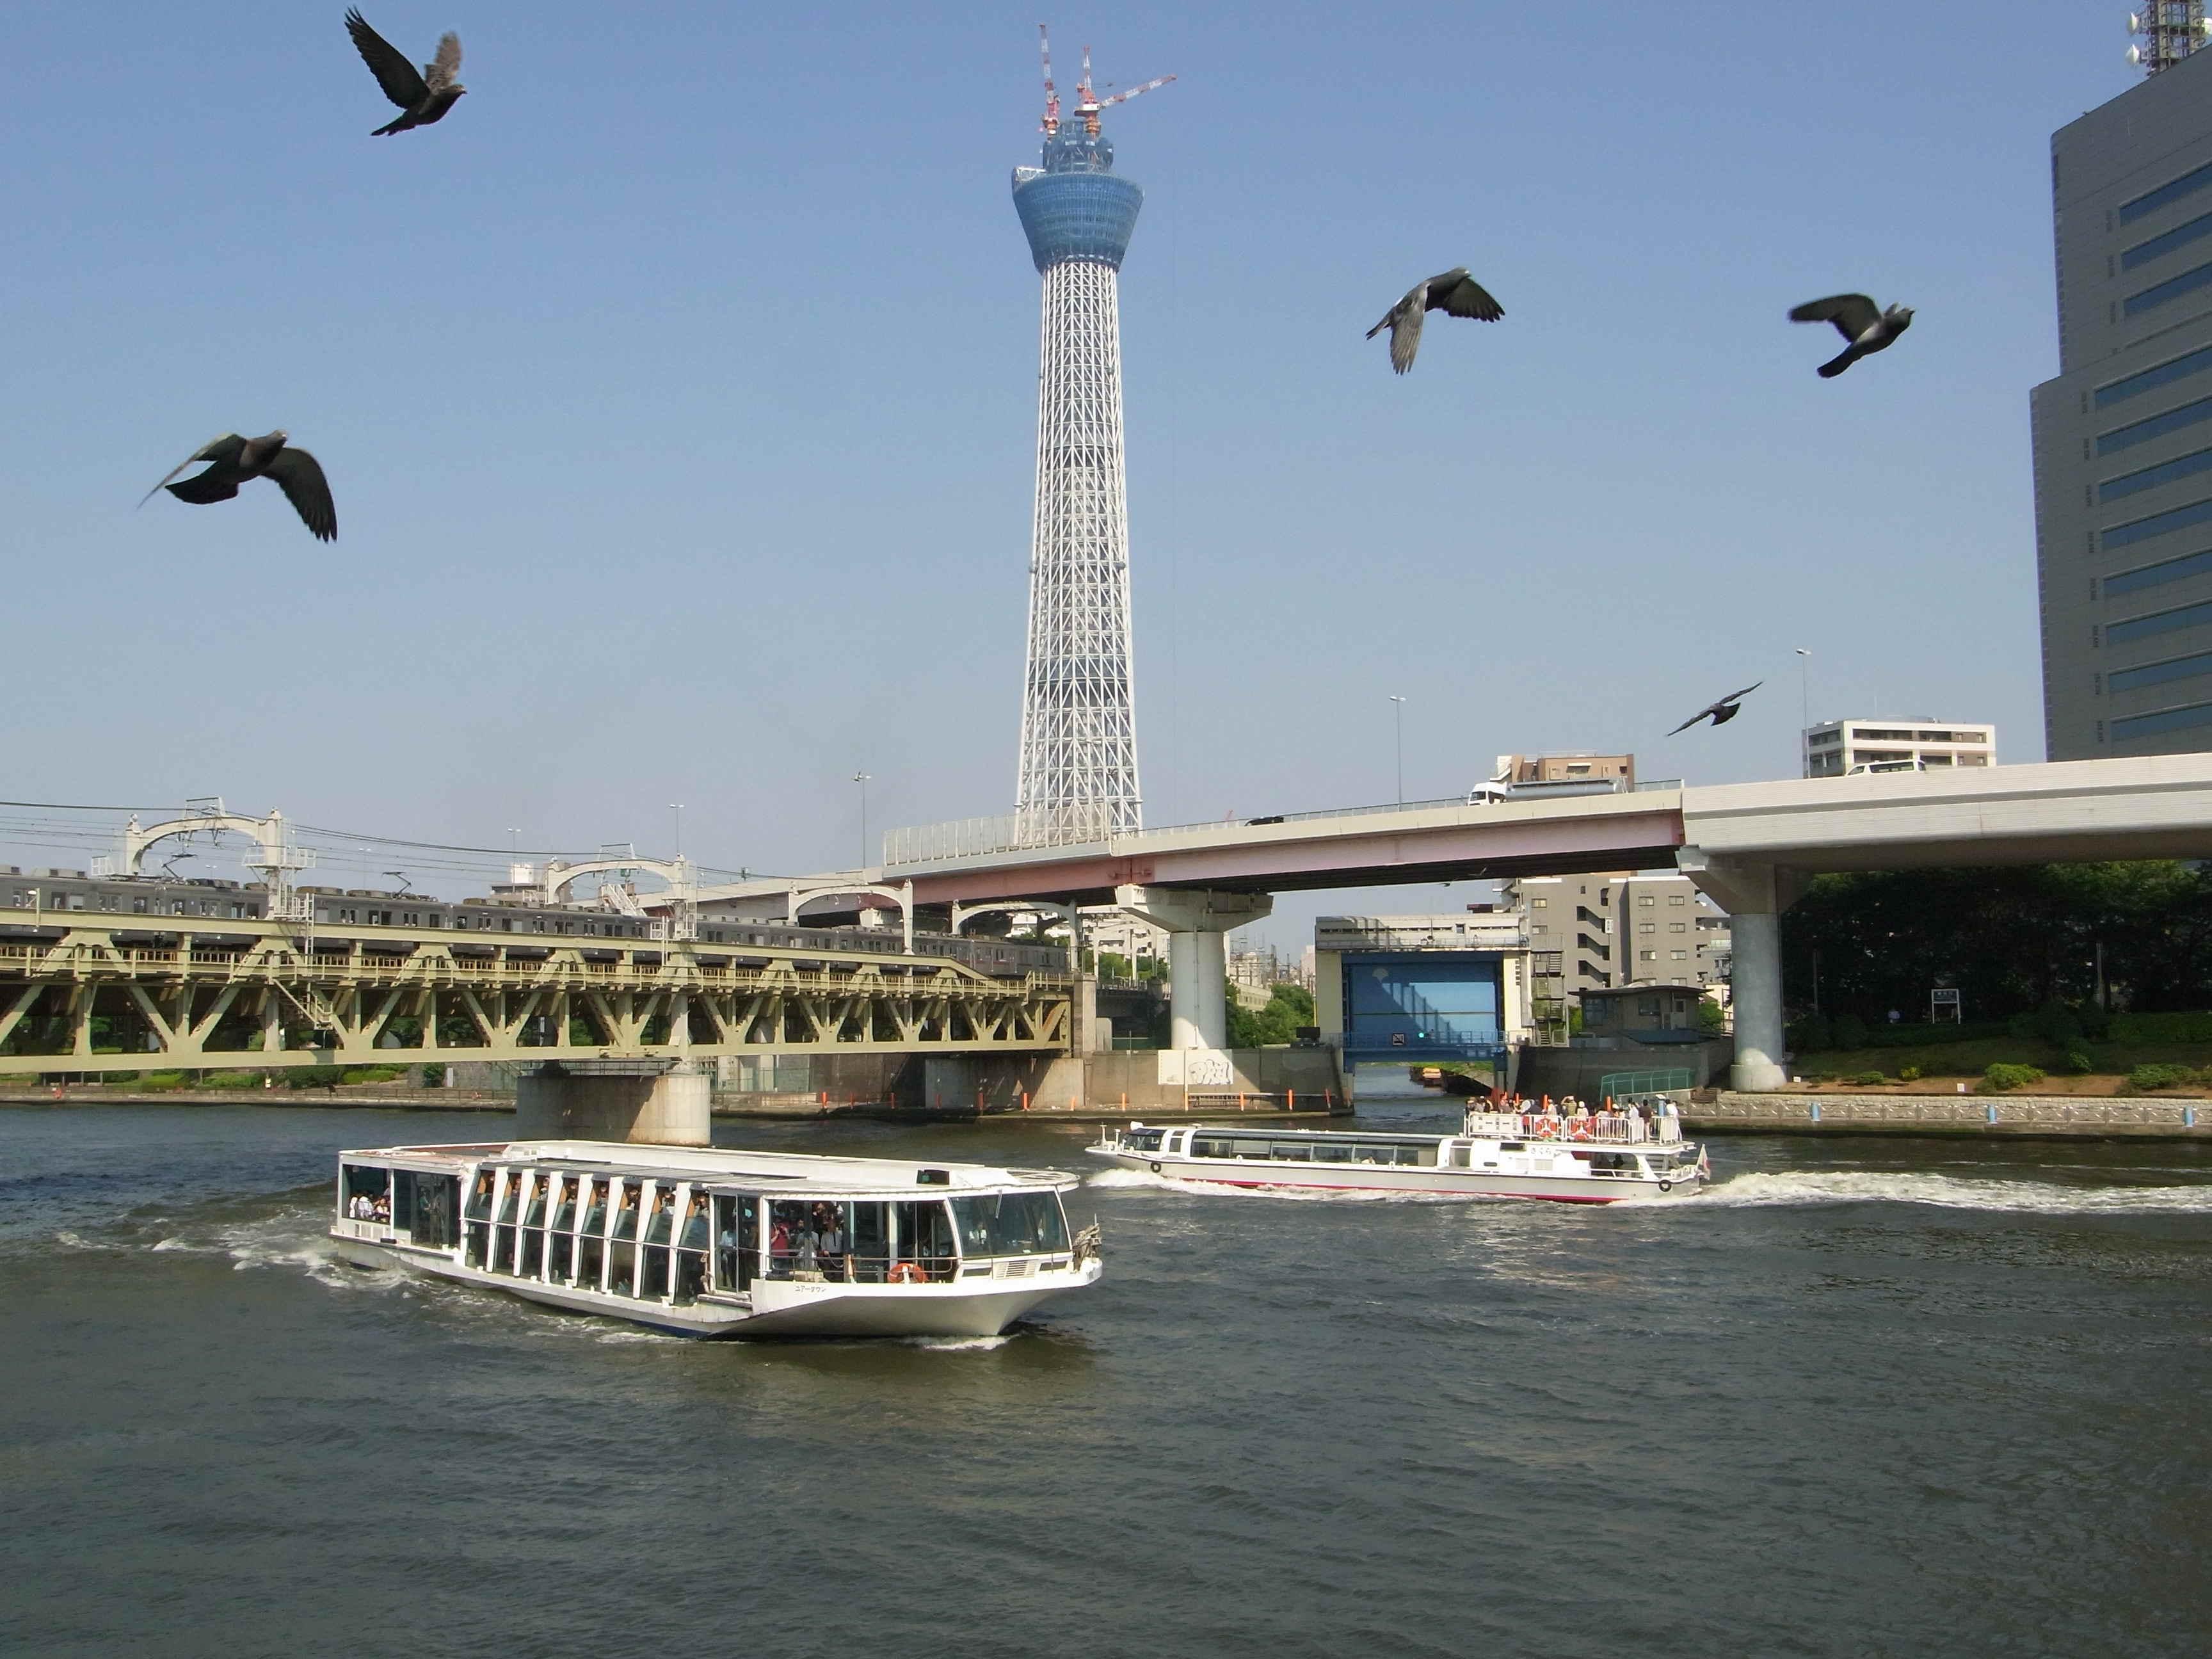 花川戸鉄橋と2隻の水上バスと東京スカイツリー